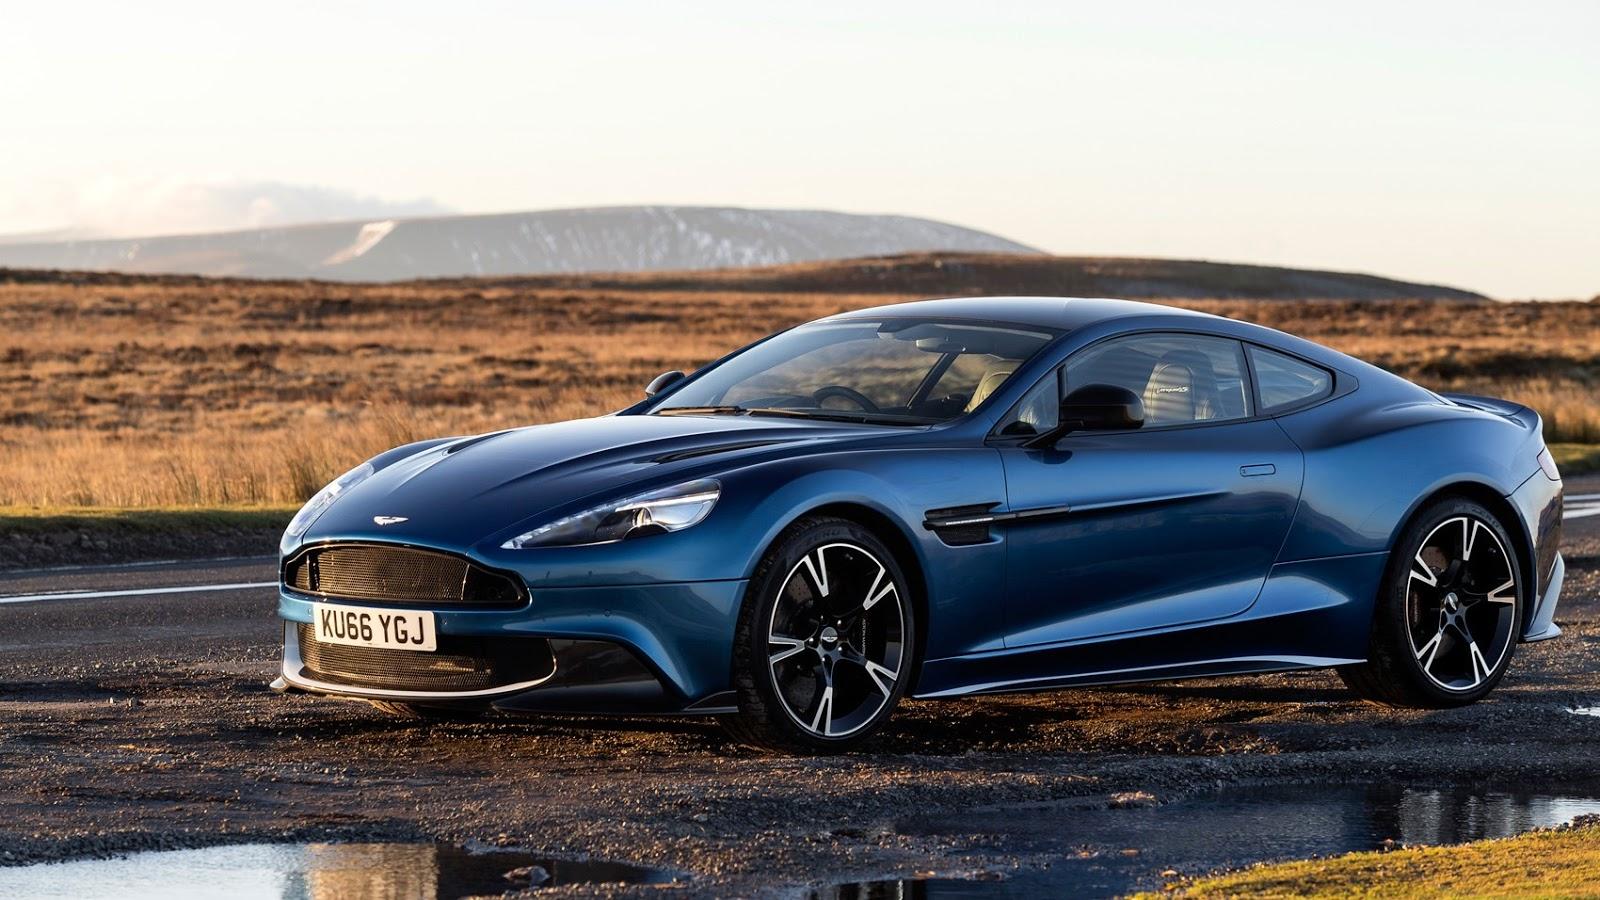 2017 Aston Martin Vanquish S Zagato Volante Convertible Price Specs Interior Redesign